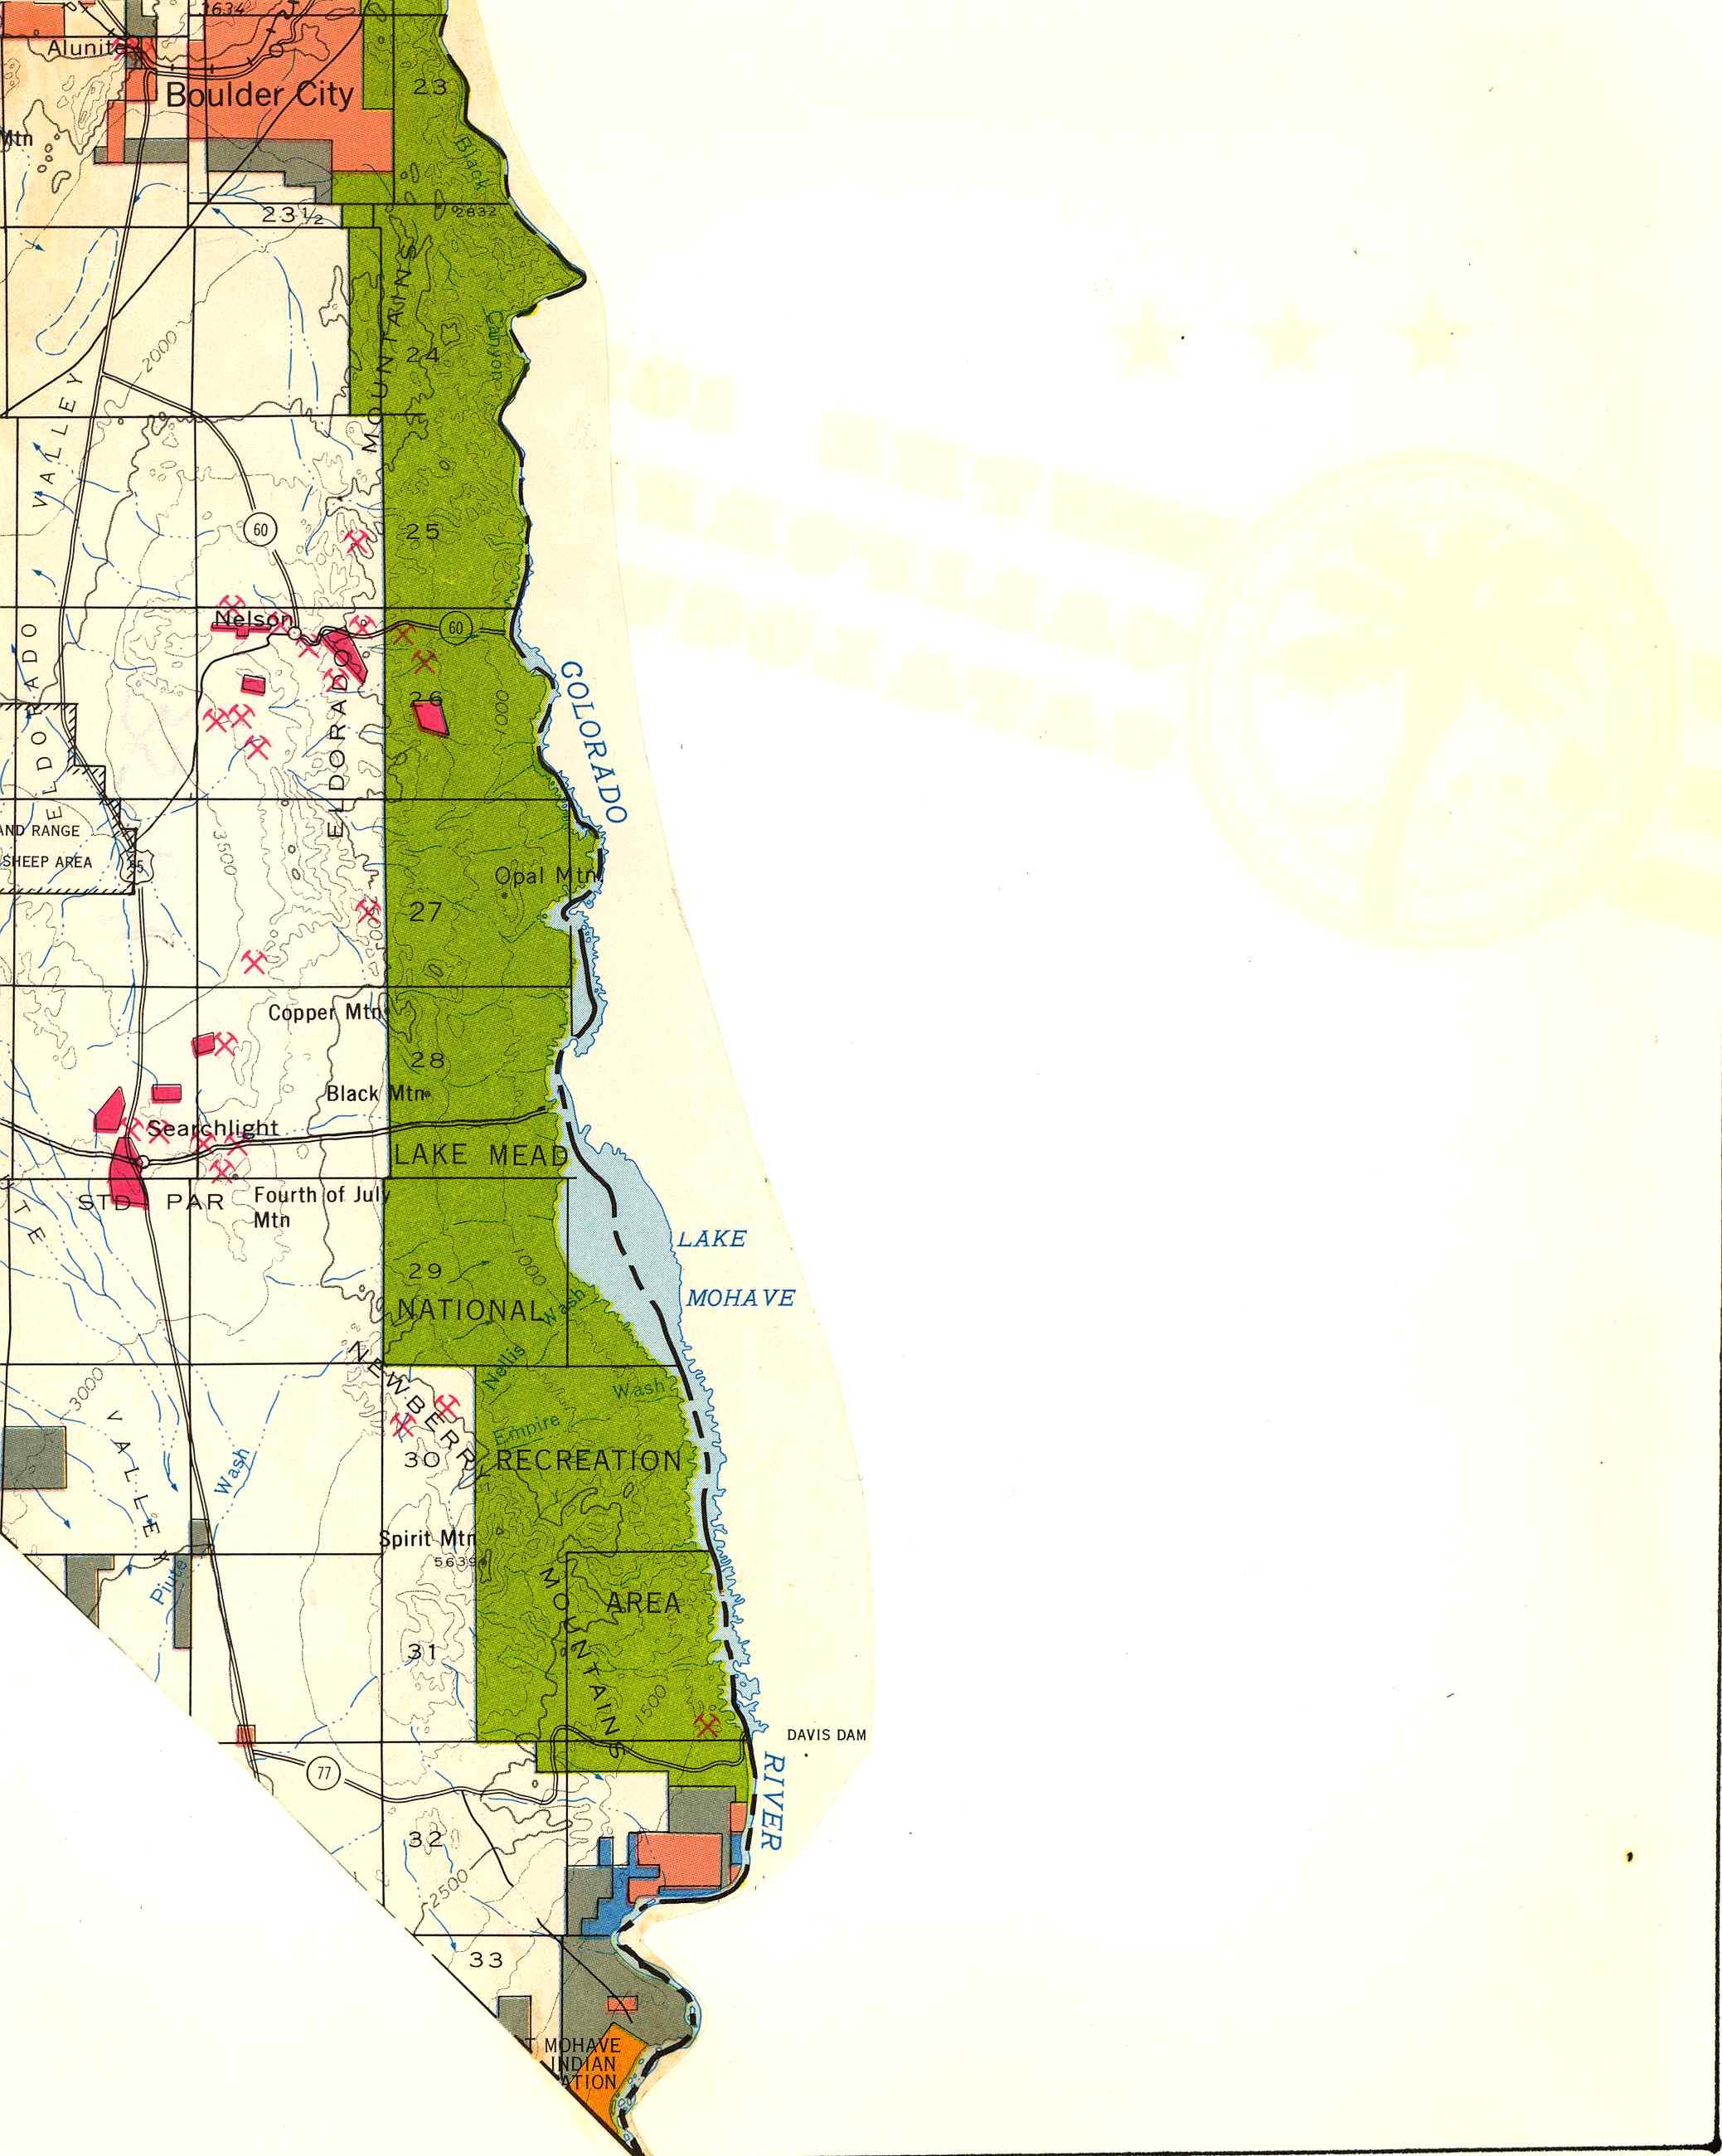 Map [2] 35:114 - Bullhead City - 1972